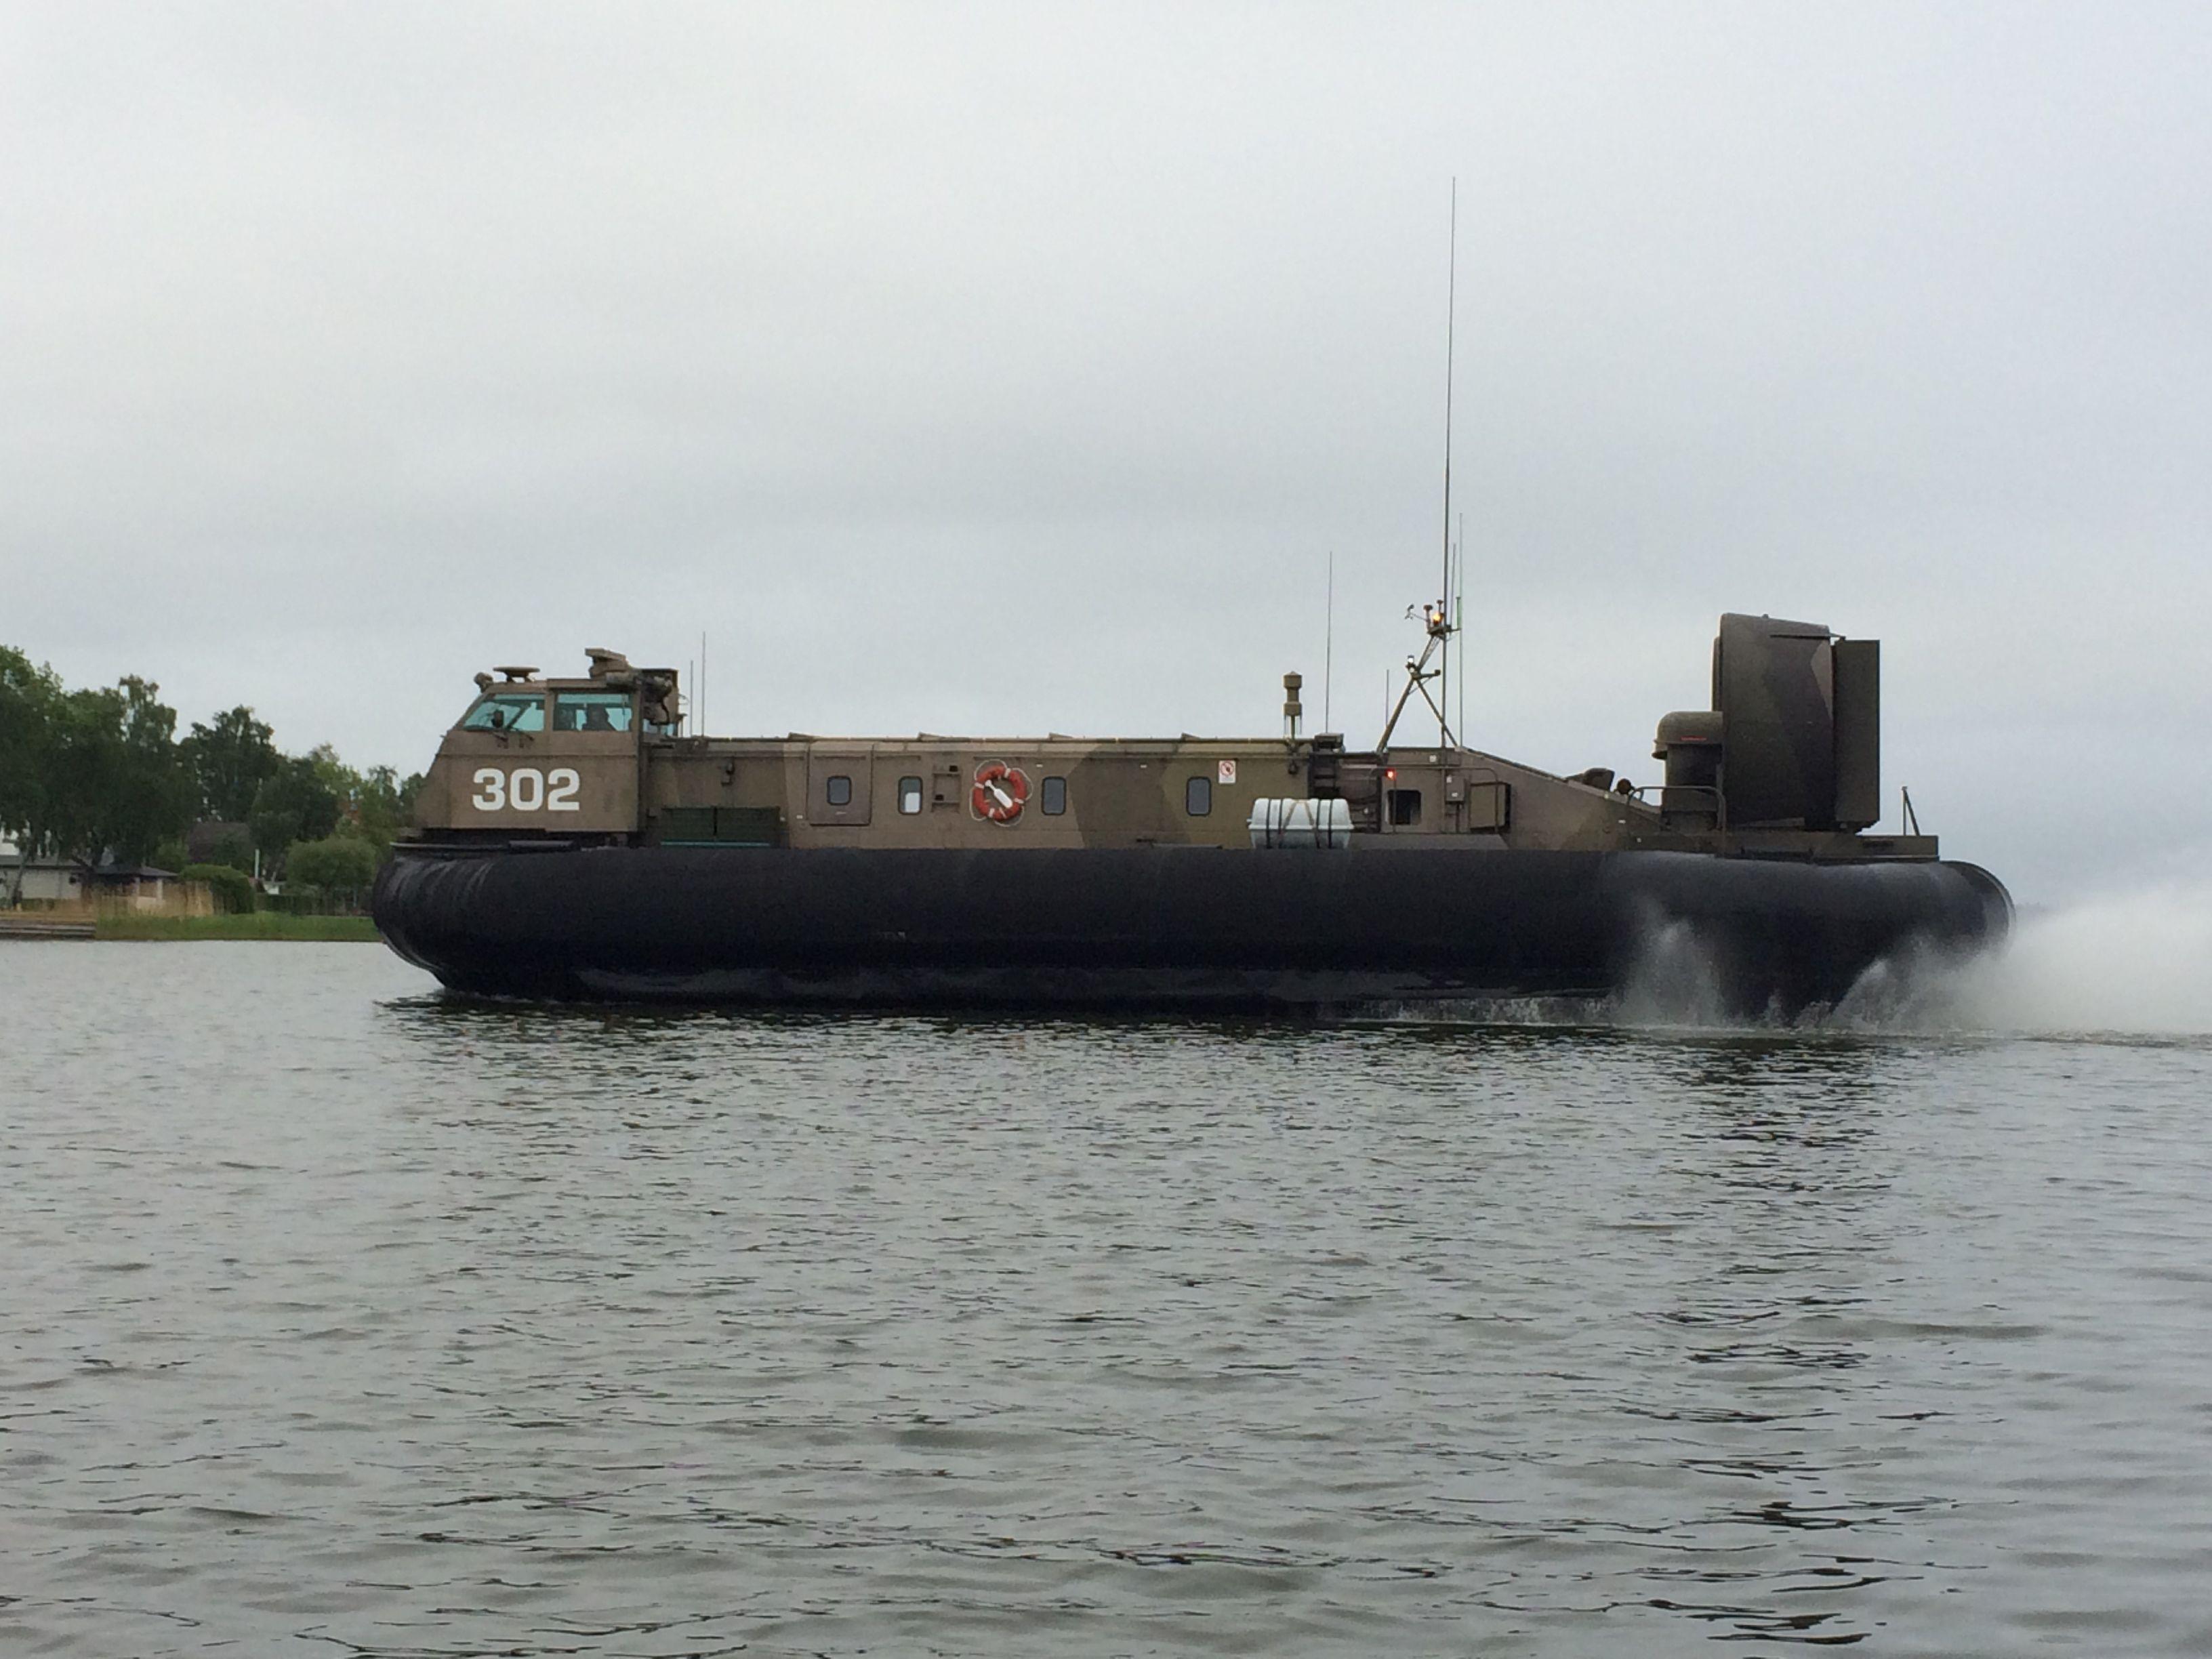 Militären hade hört att McGyver var på besök så de skickade ut en diskret spanare till Viggbyholms hamn för att kolla. Jag visste inte ens Försvaret hade tillgång till svävare...